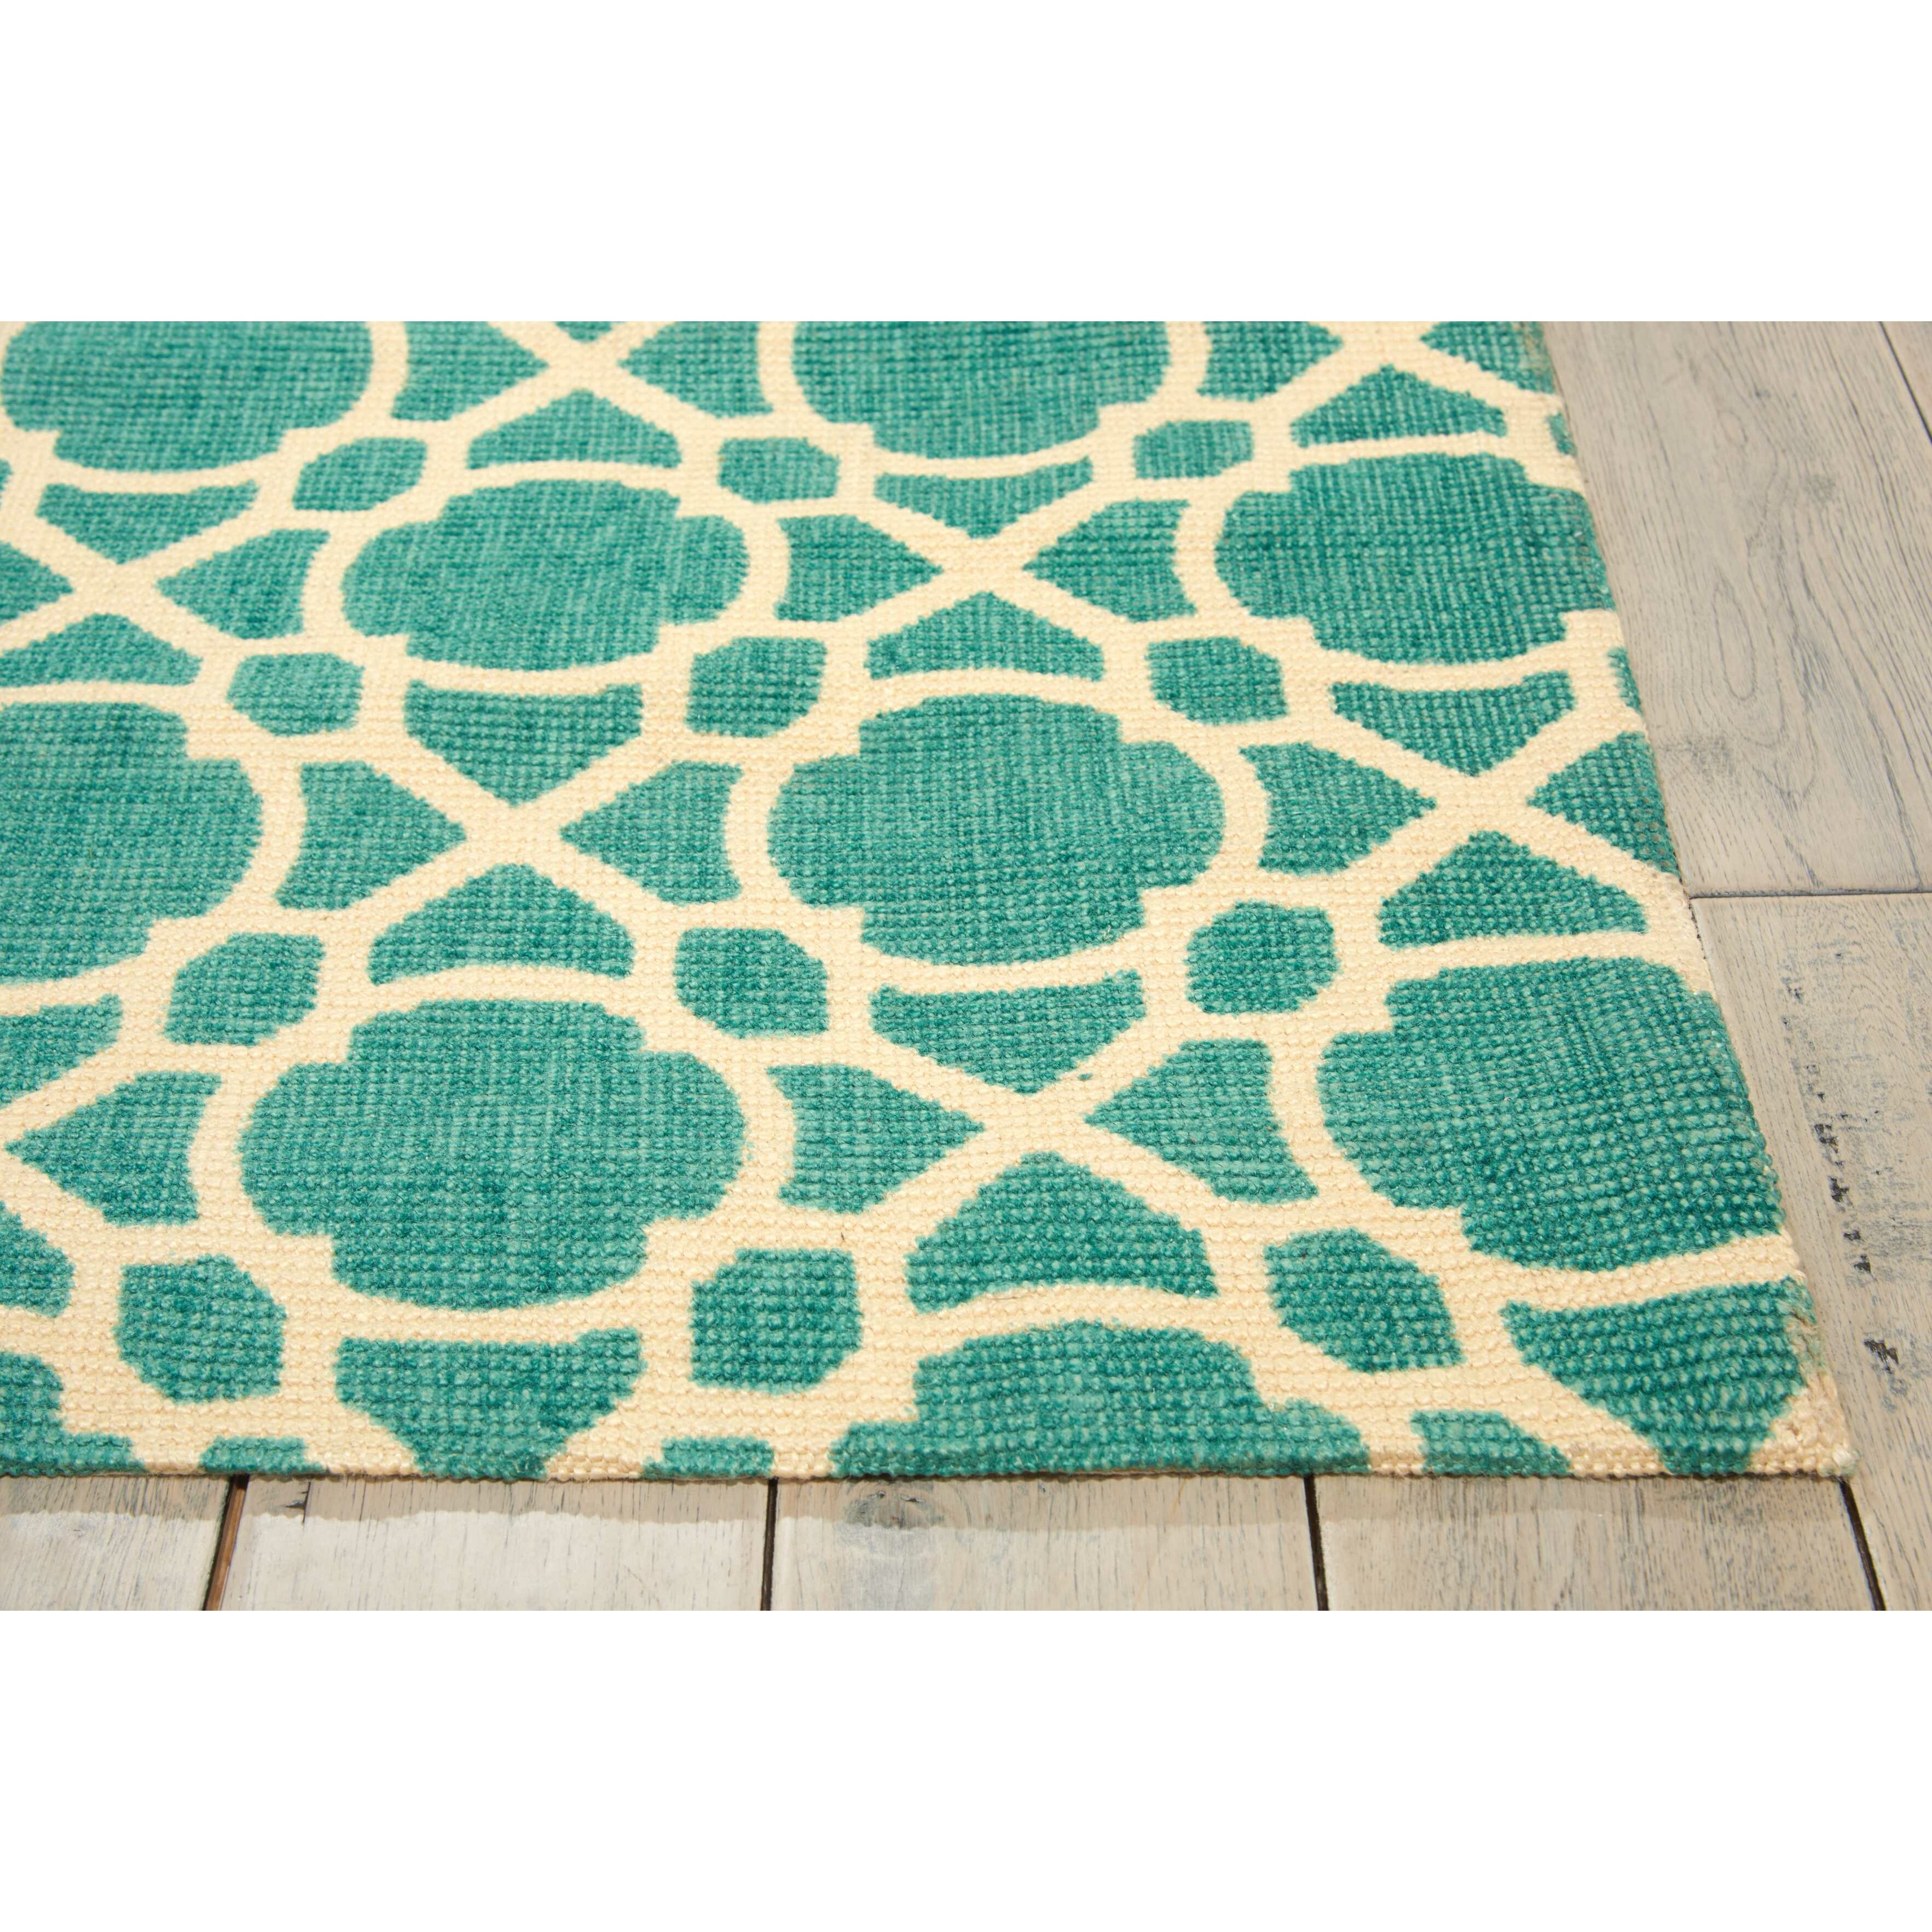 calvin klein rugs color motion teal area rug wayfair. Black Bedroom Furniture Sets. Home Design Ideas